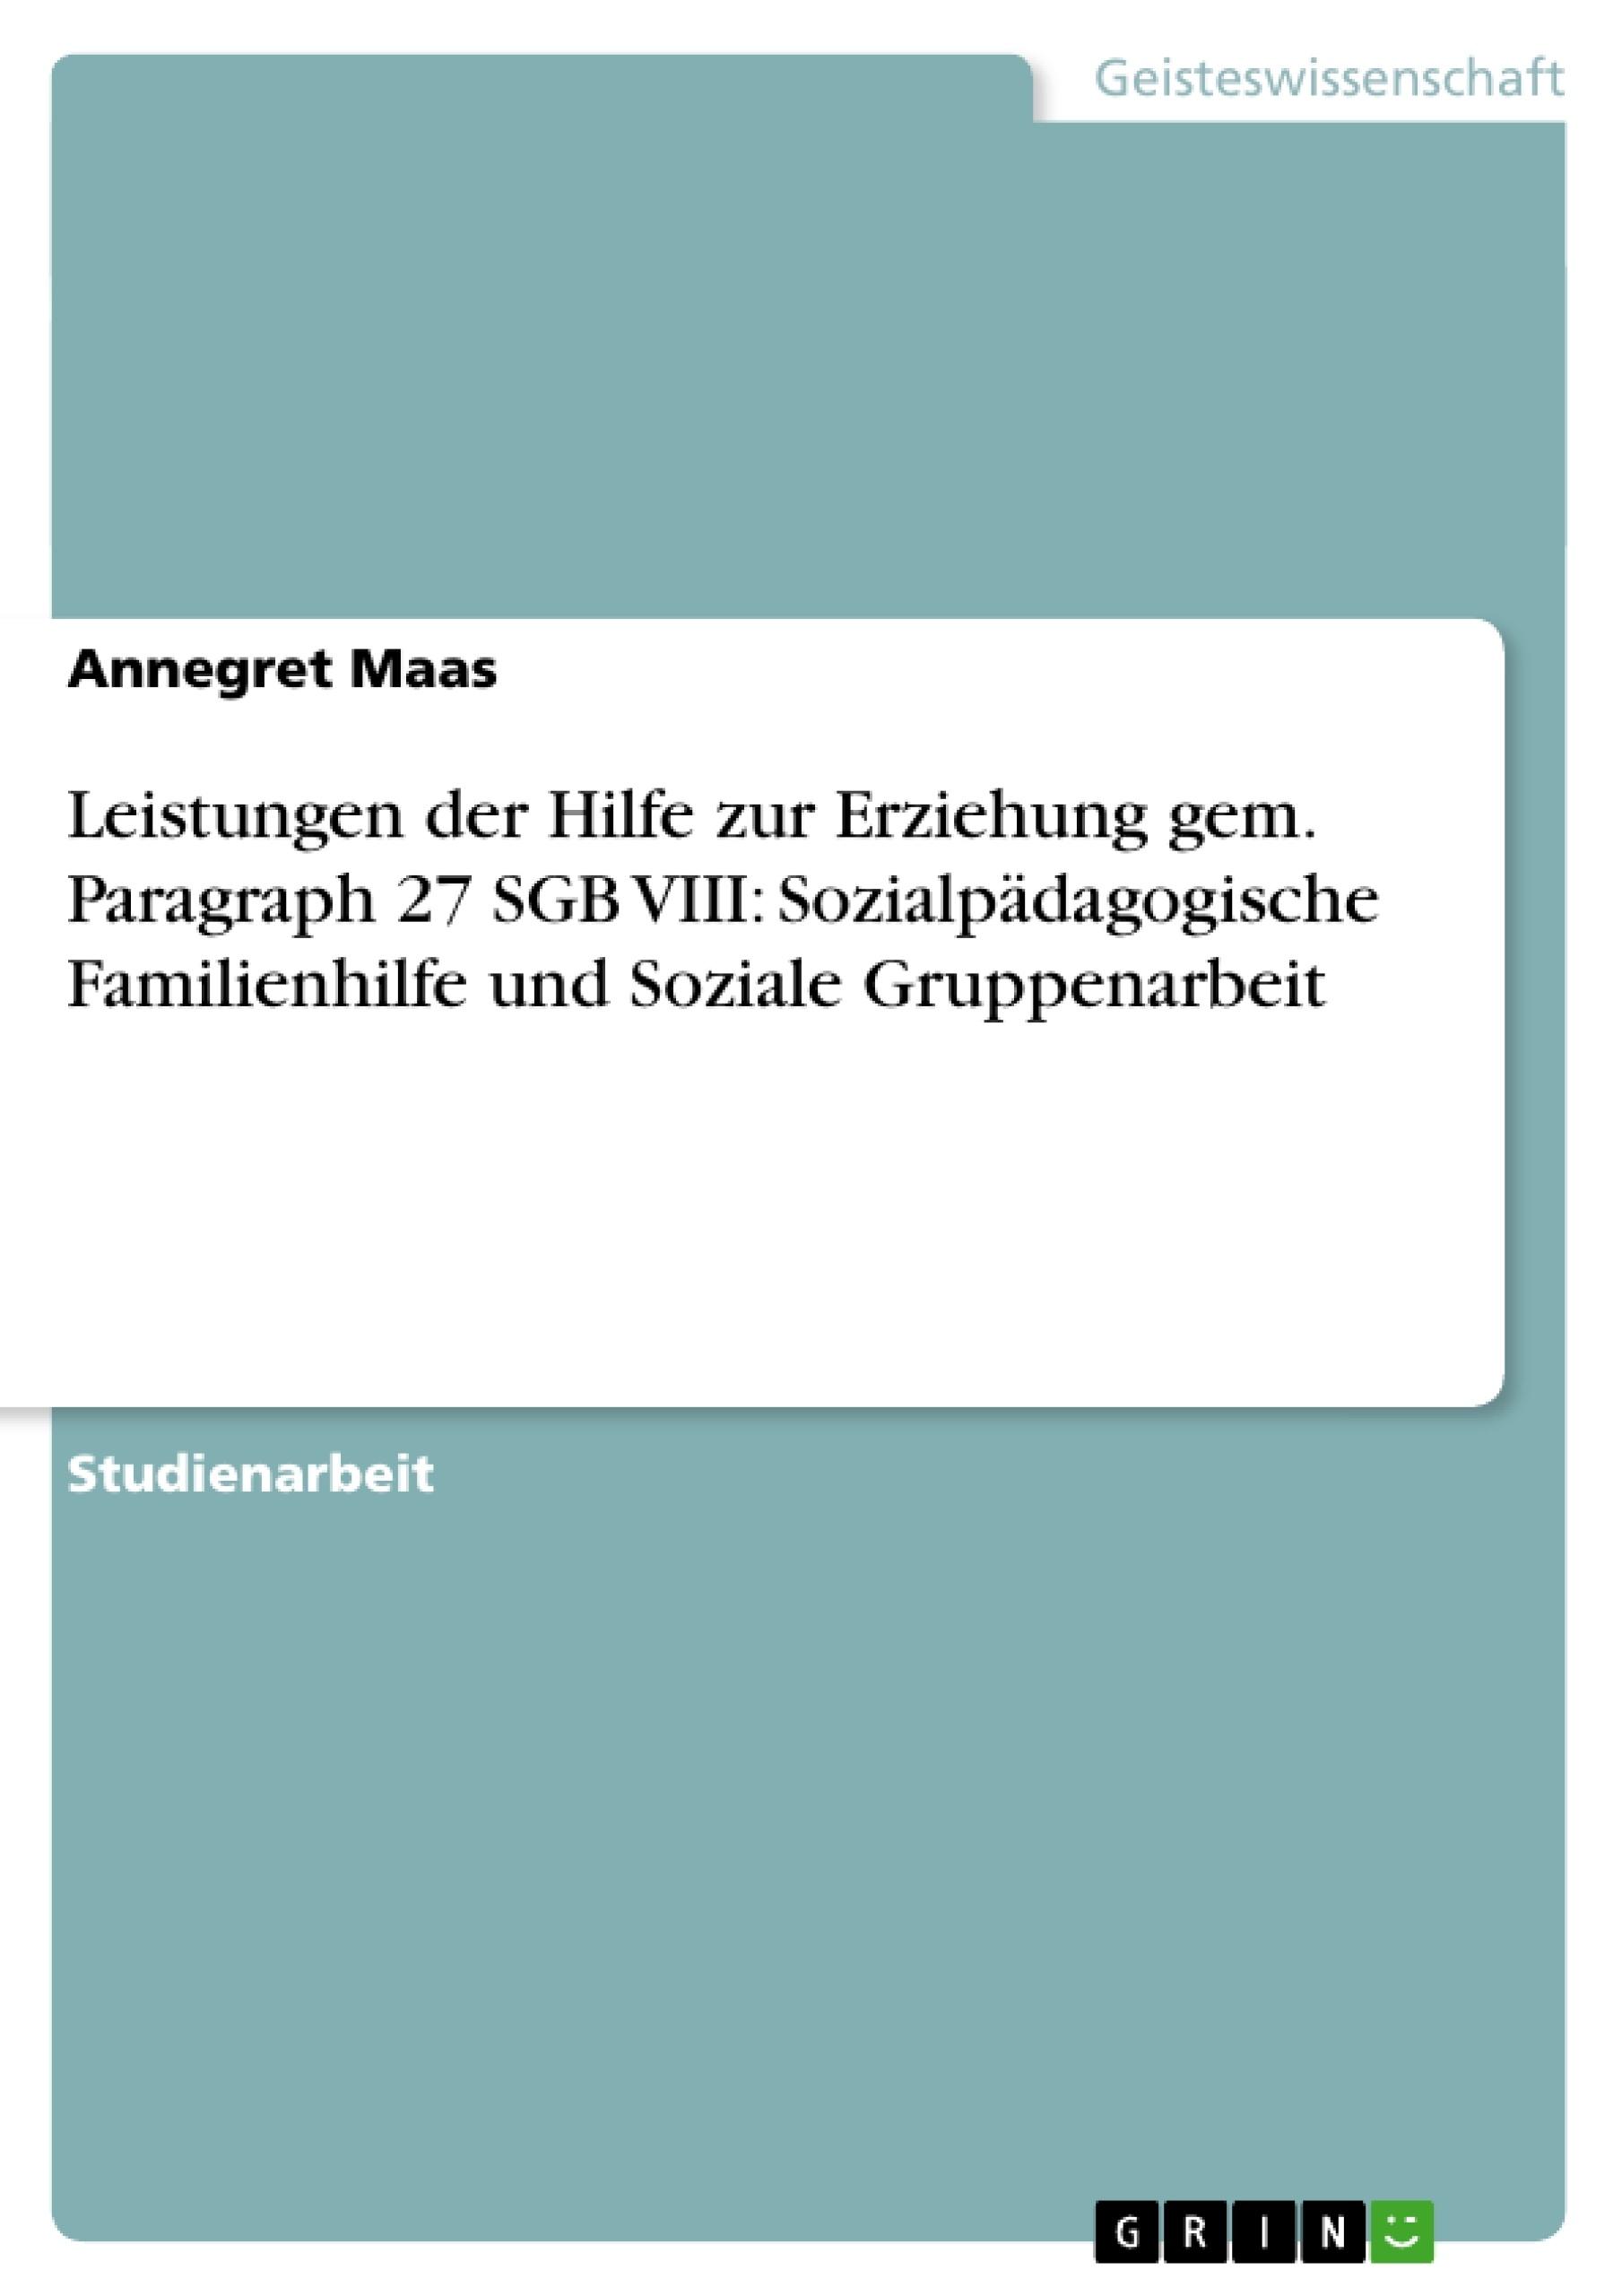 Titel: Leistungen der Hilfe zur Erziehung gem. Paragraph 27 SGB VIII: Sozialpädagogische Familienhilfe und Soziale Gruppenarbeit